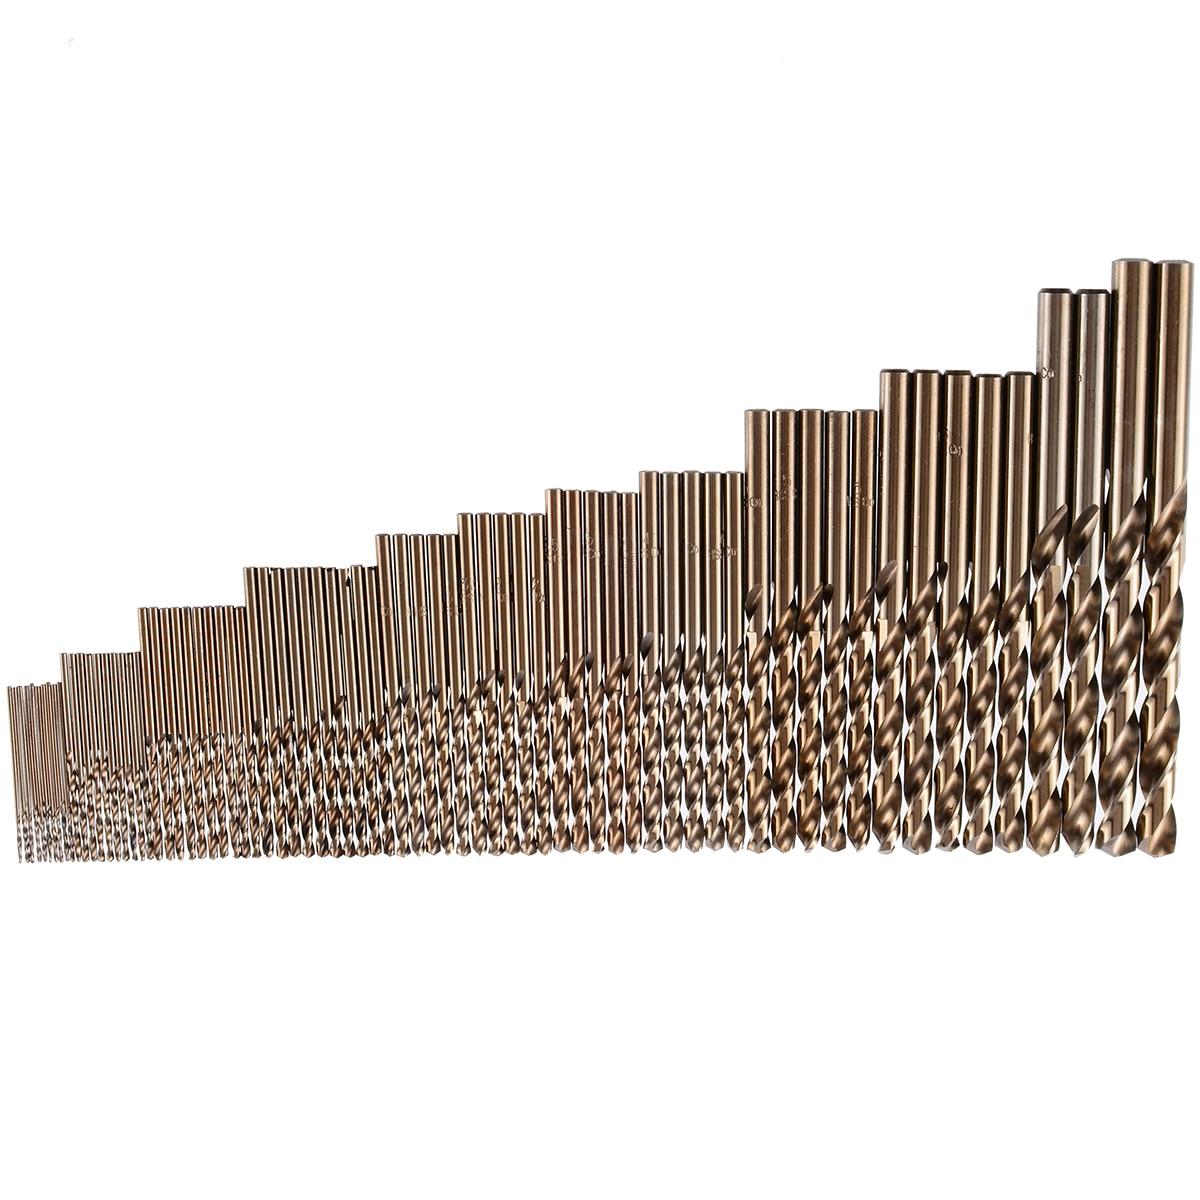 74 قطعة/الوحدة 1-8 مللي متر HSS تويست لقم الكوبالت كله الأرض المعادن مخرطة عالية قوة الحفر أداة للصلب الحديد الألومنيوم أنابيب